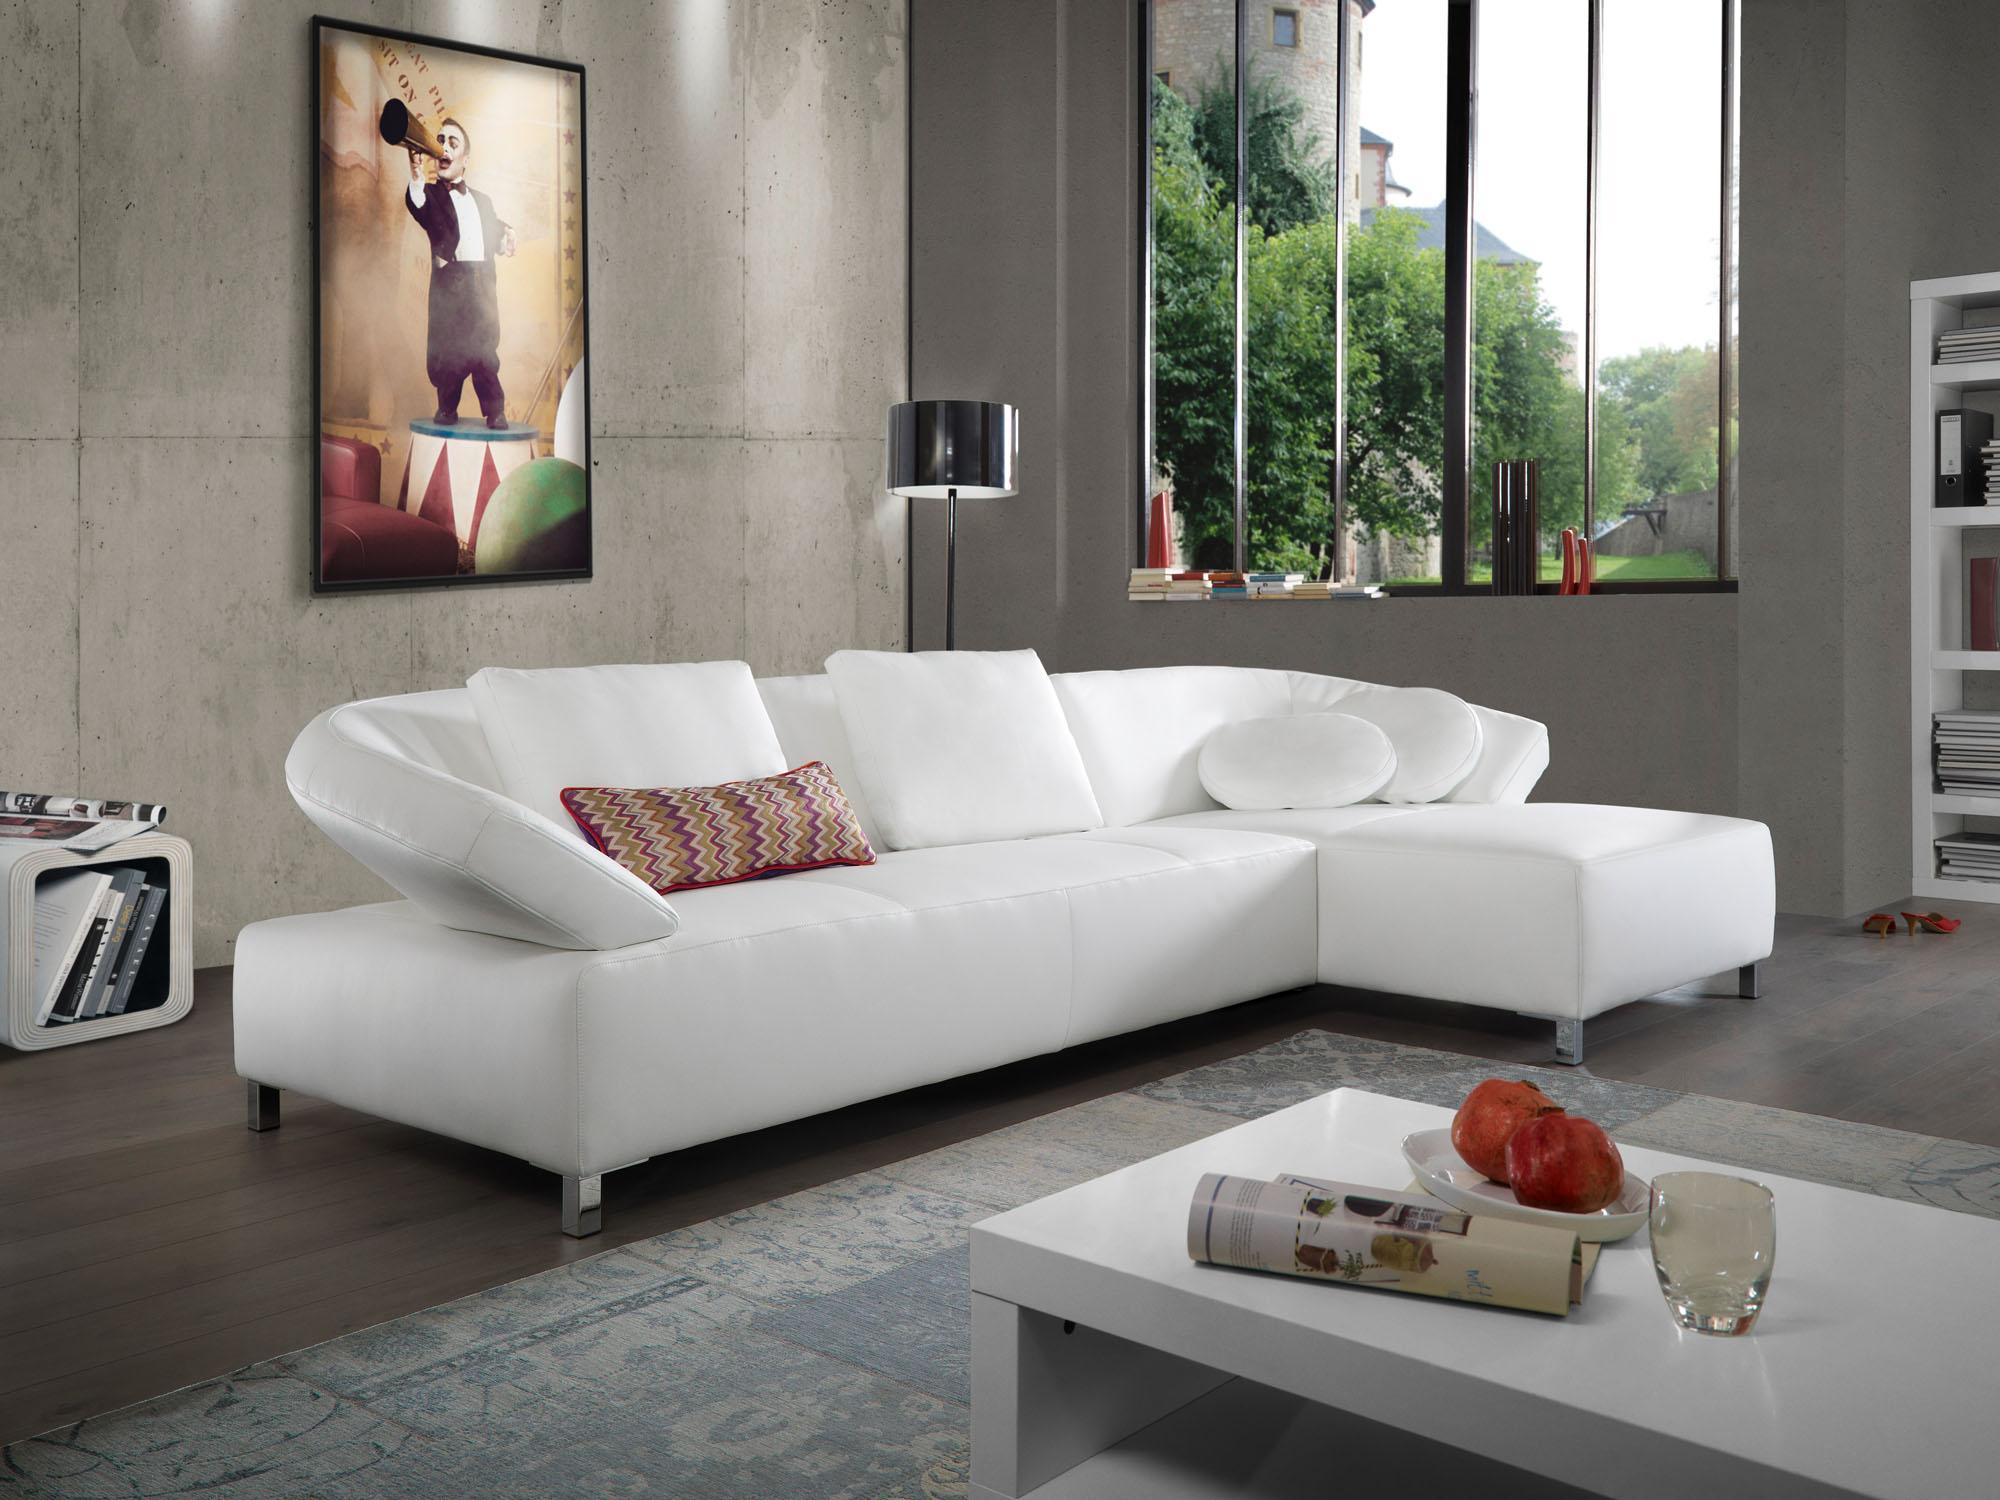 Ungewöhnlich Moderne Bequeme Sofas Zeitgenössisch Wohnzimmer